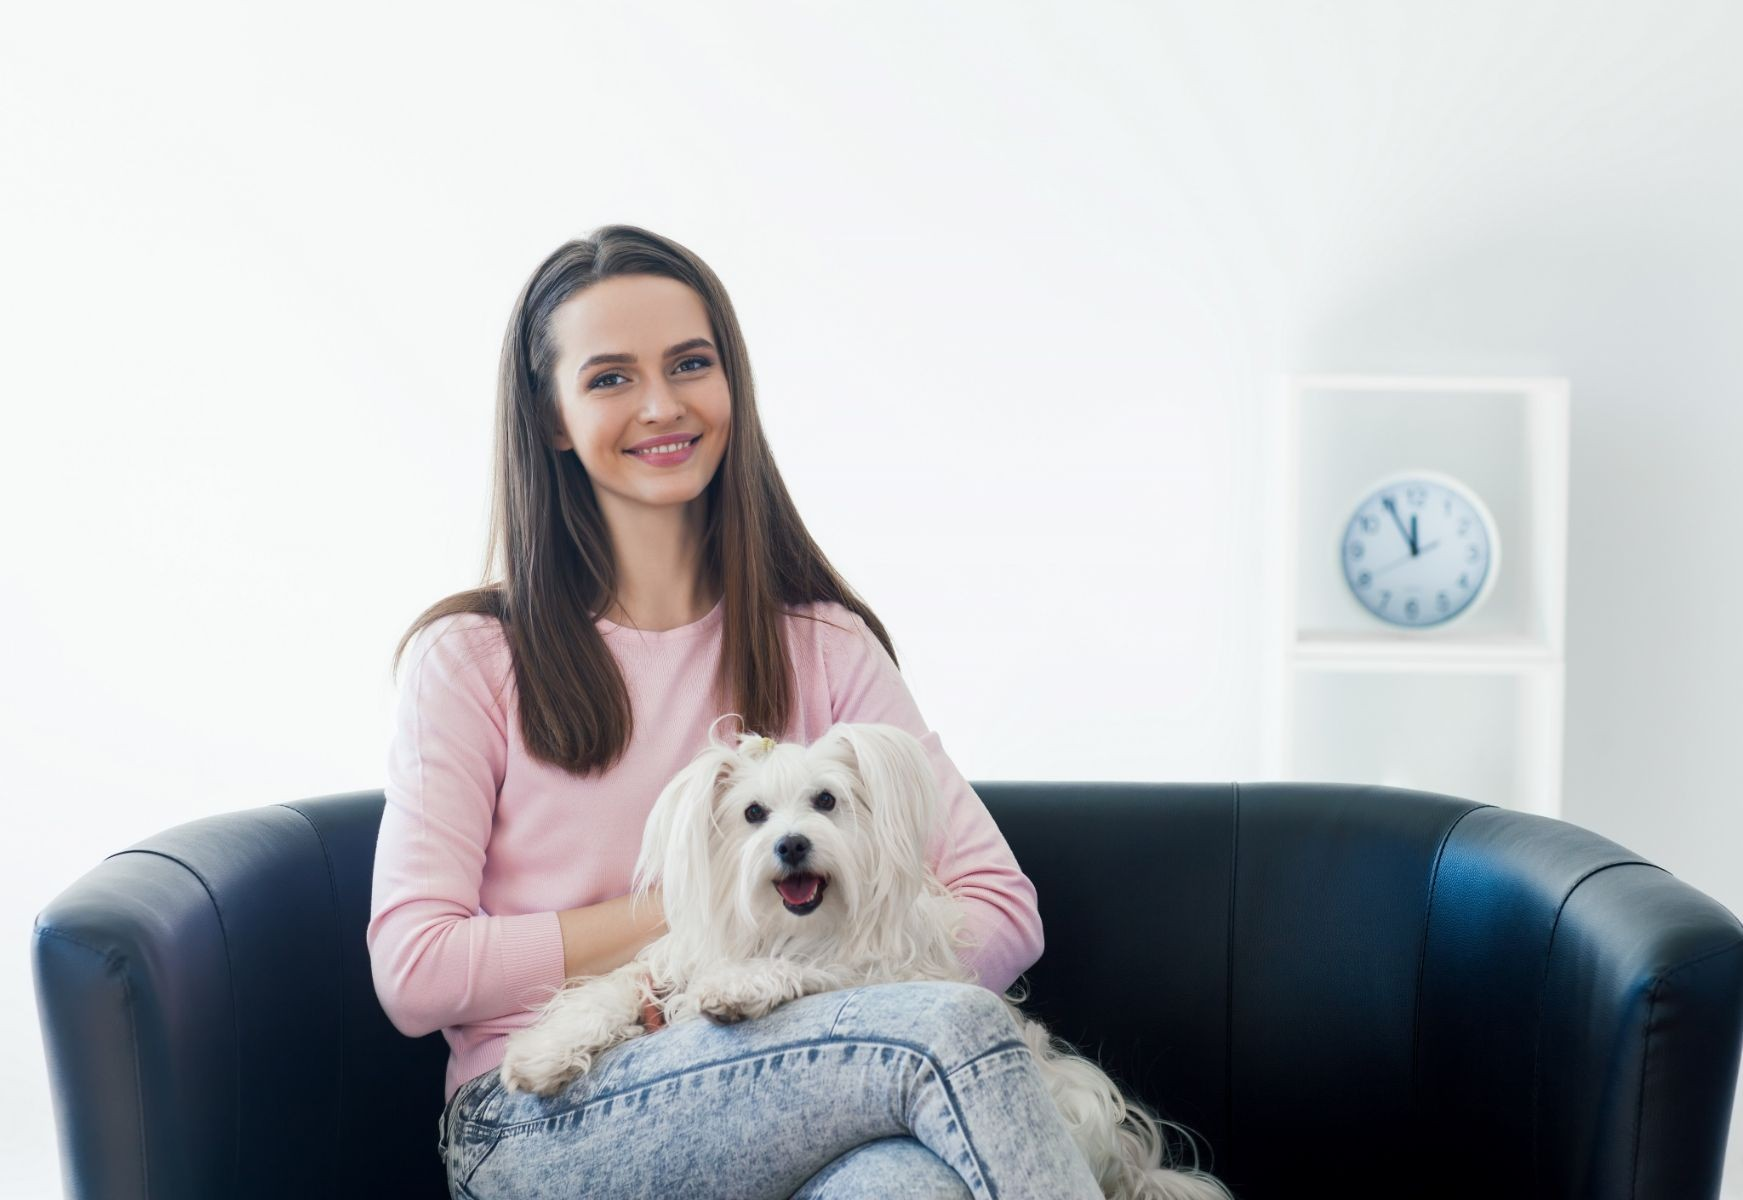 mujer sentada en sofa abrazando a un perro